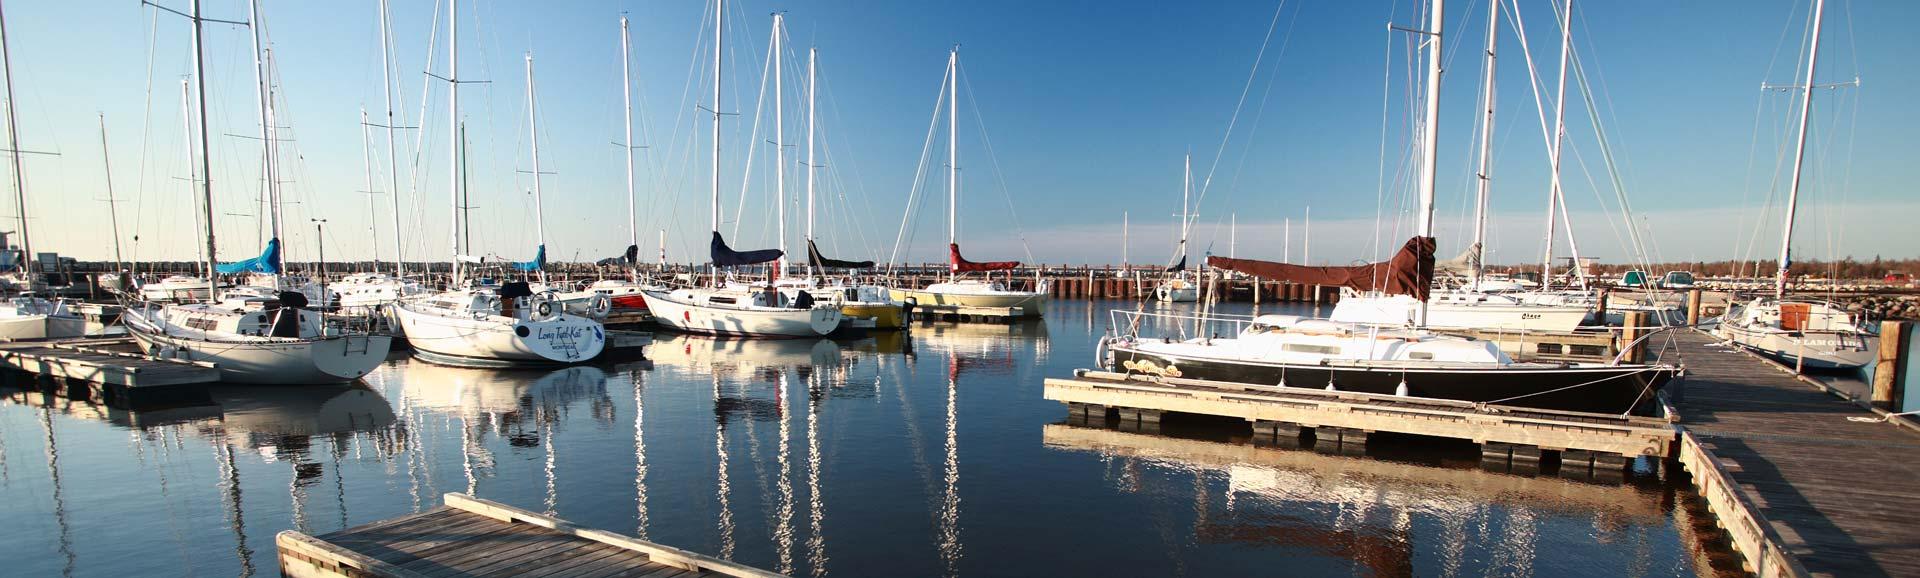 Yachthafen von Gimli, Kanada.